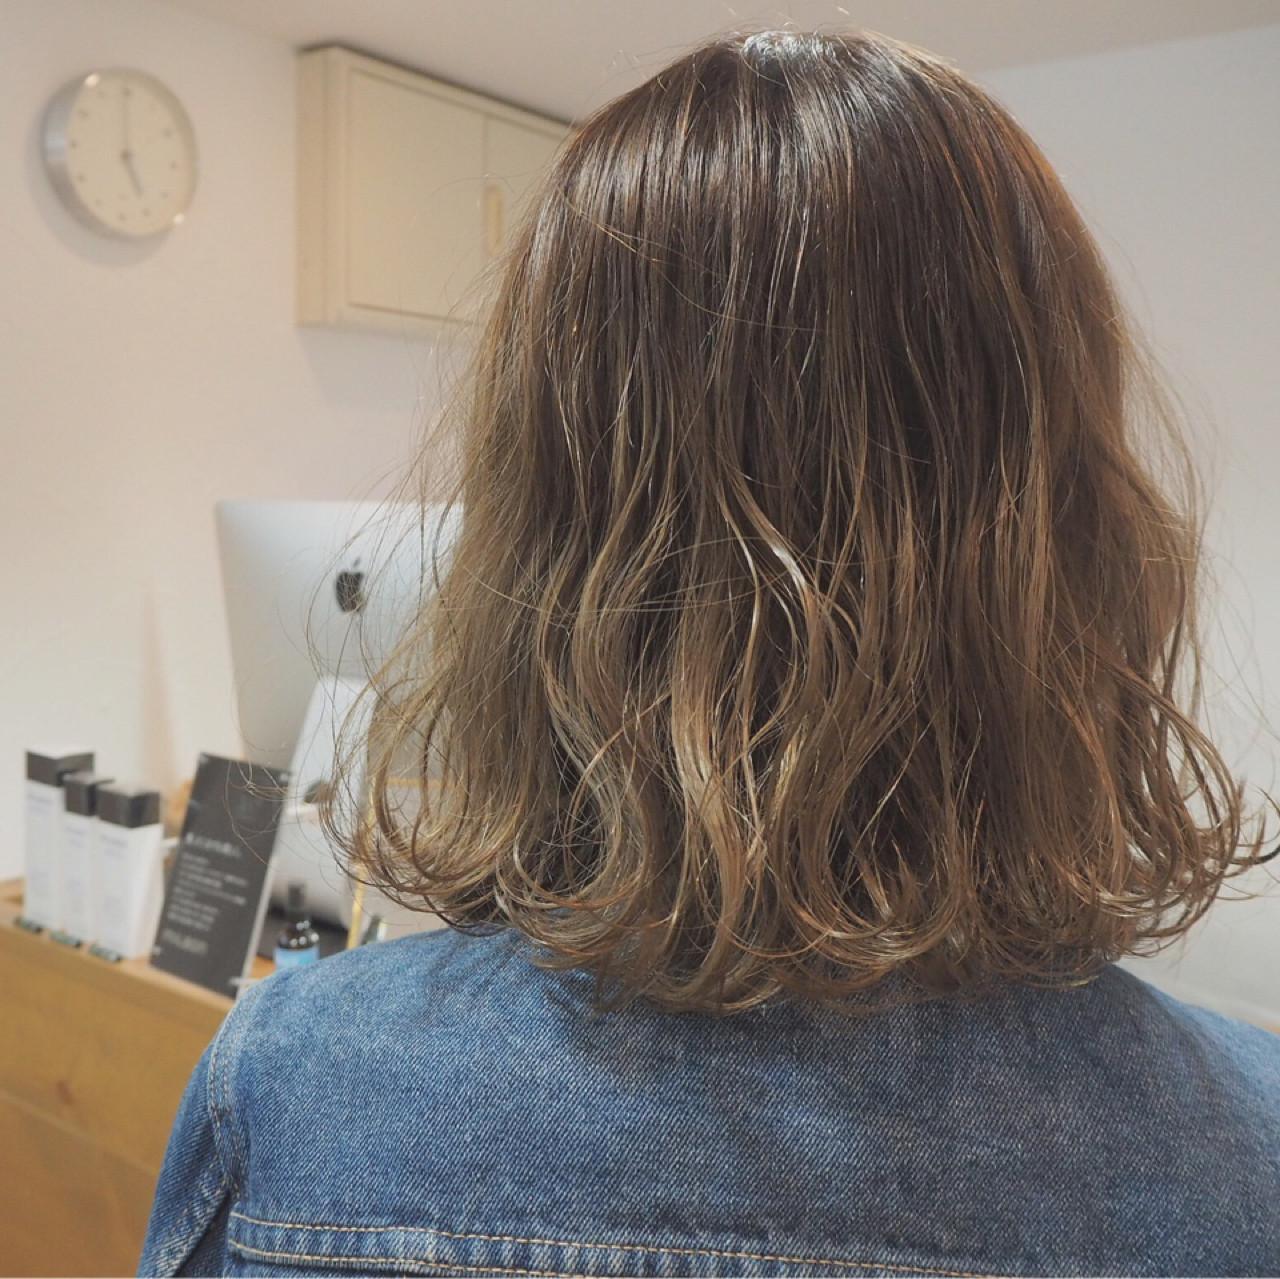 ダブルカラー ボブ イルミナカラー ナチュラル ヘアスタイルや髪型の写真・画像